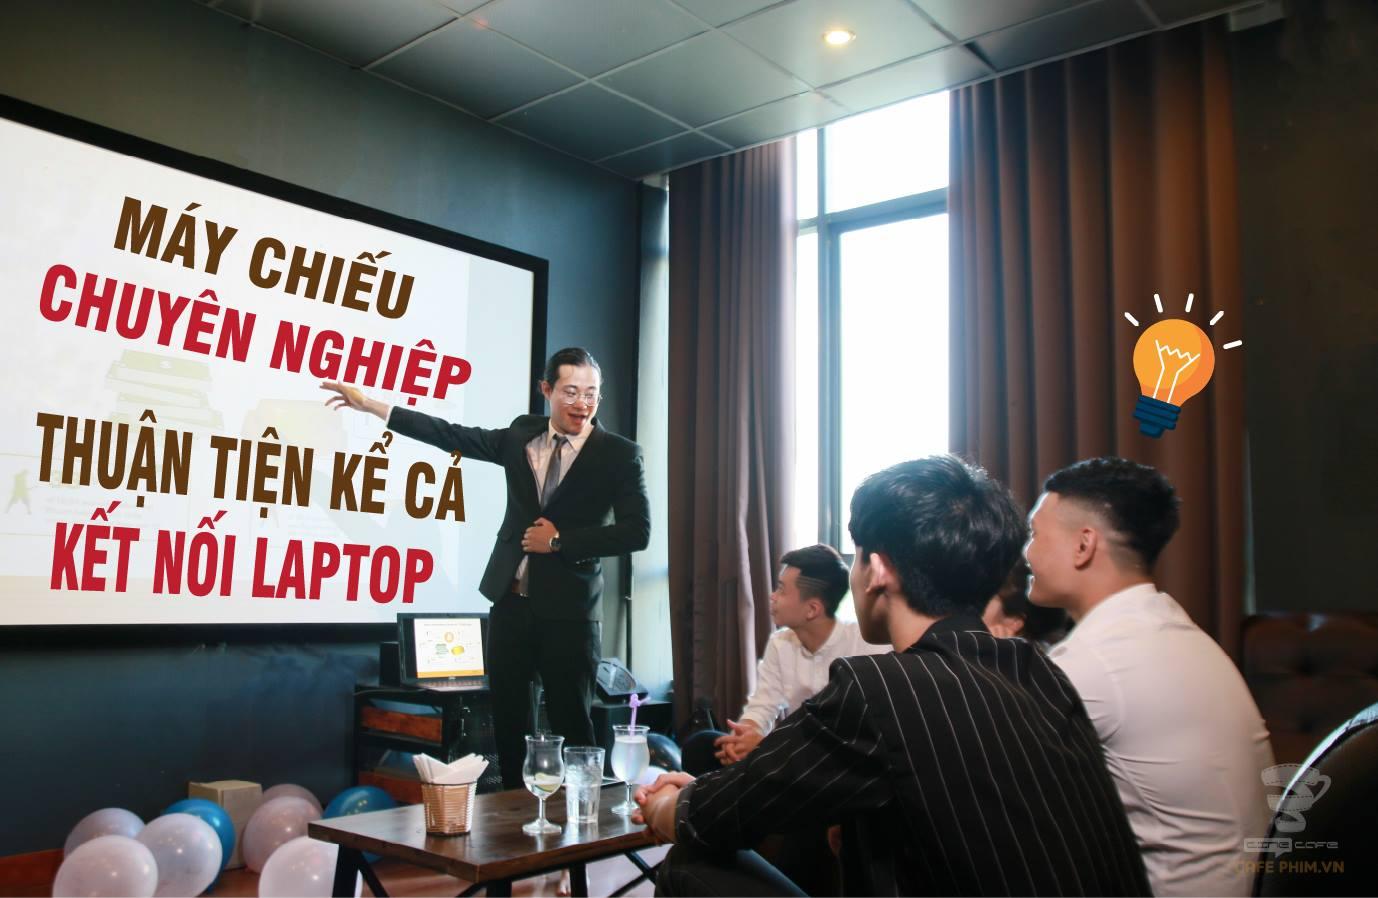 Phòng Học Nhóm Offline Tại Cafe Phim Chùa Láng